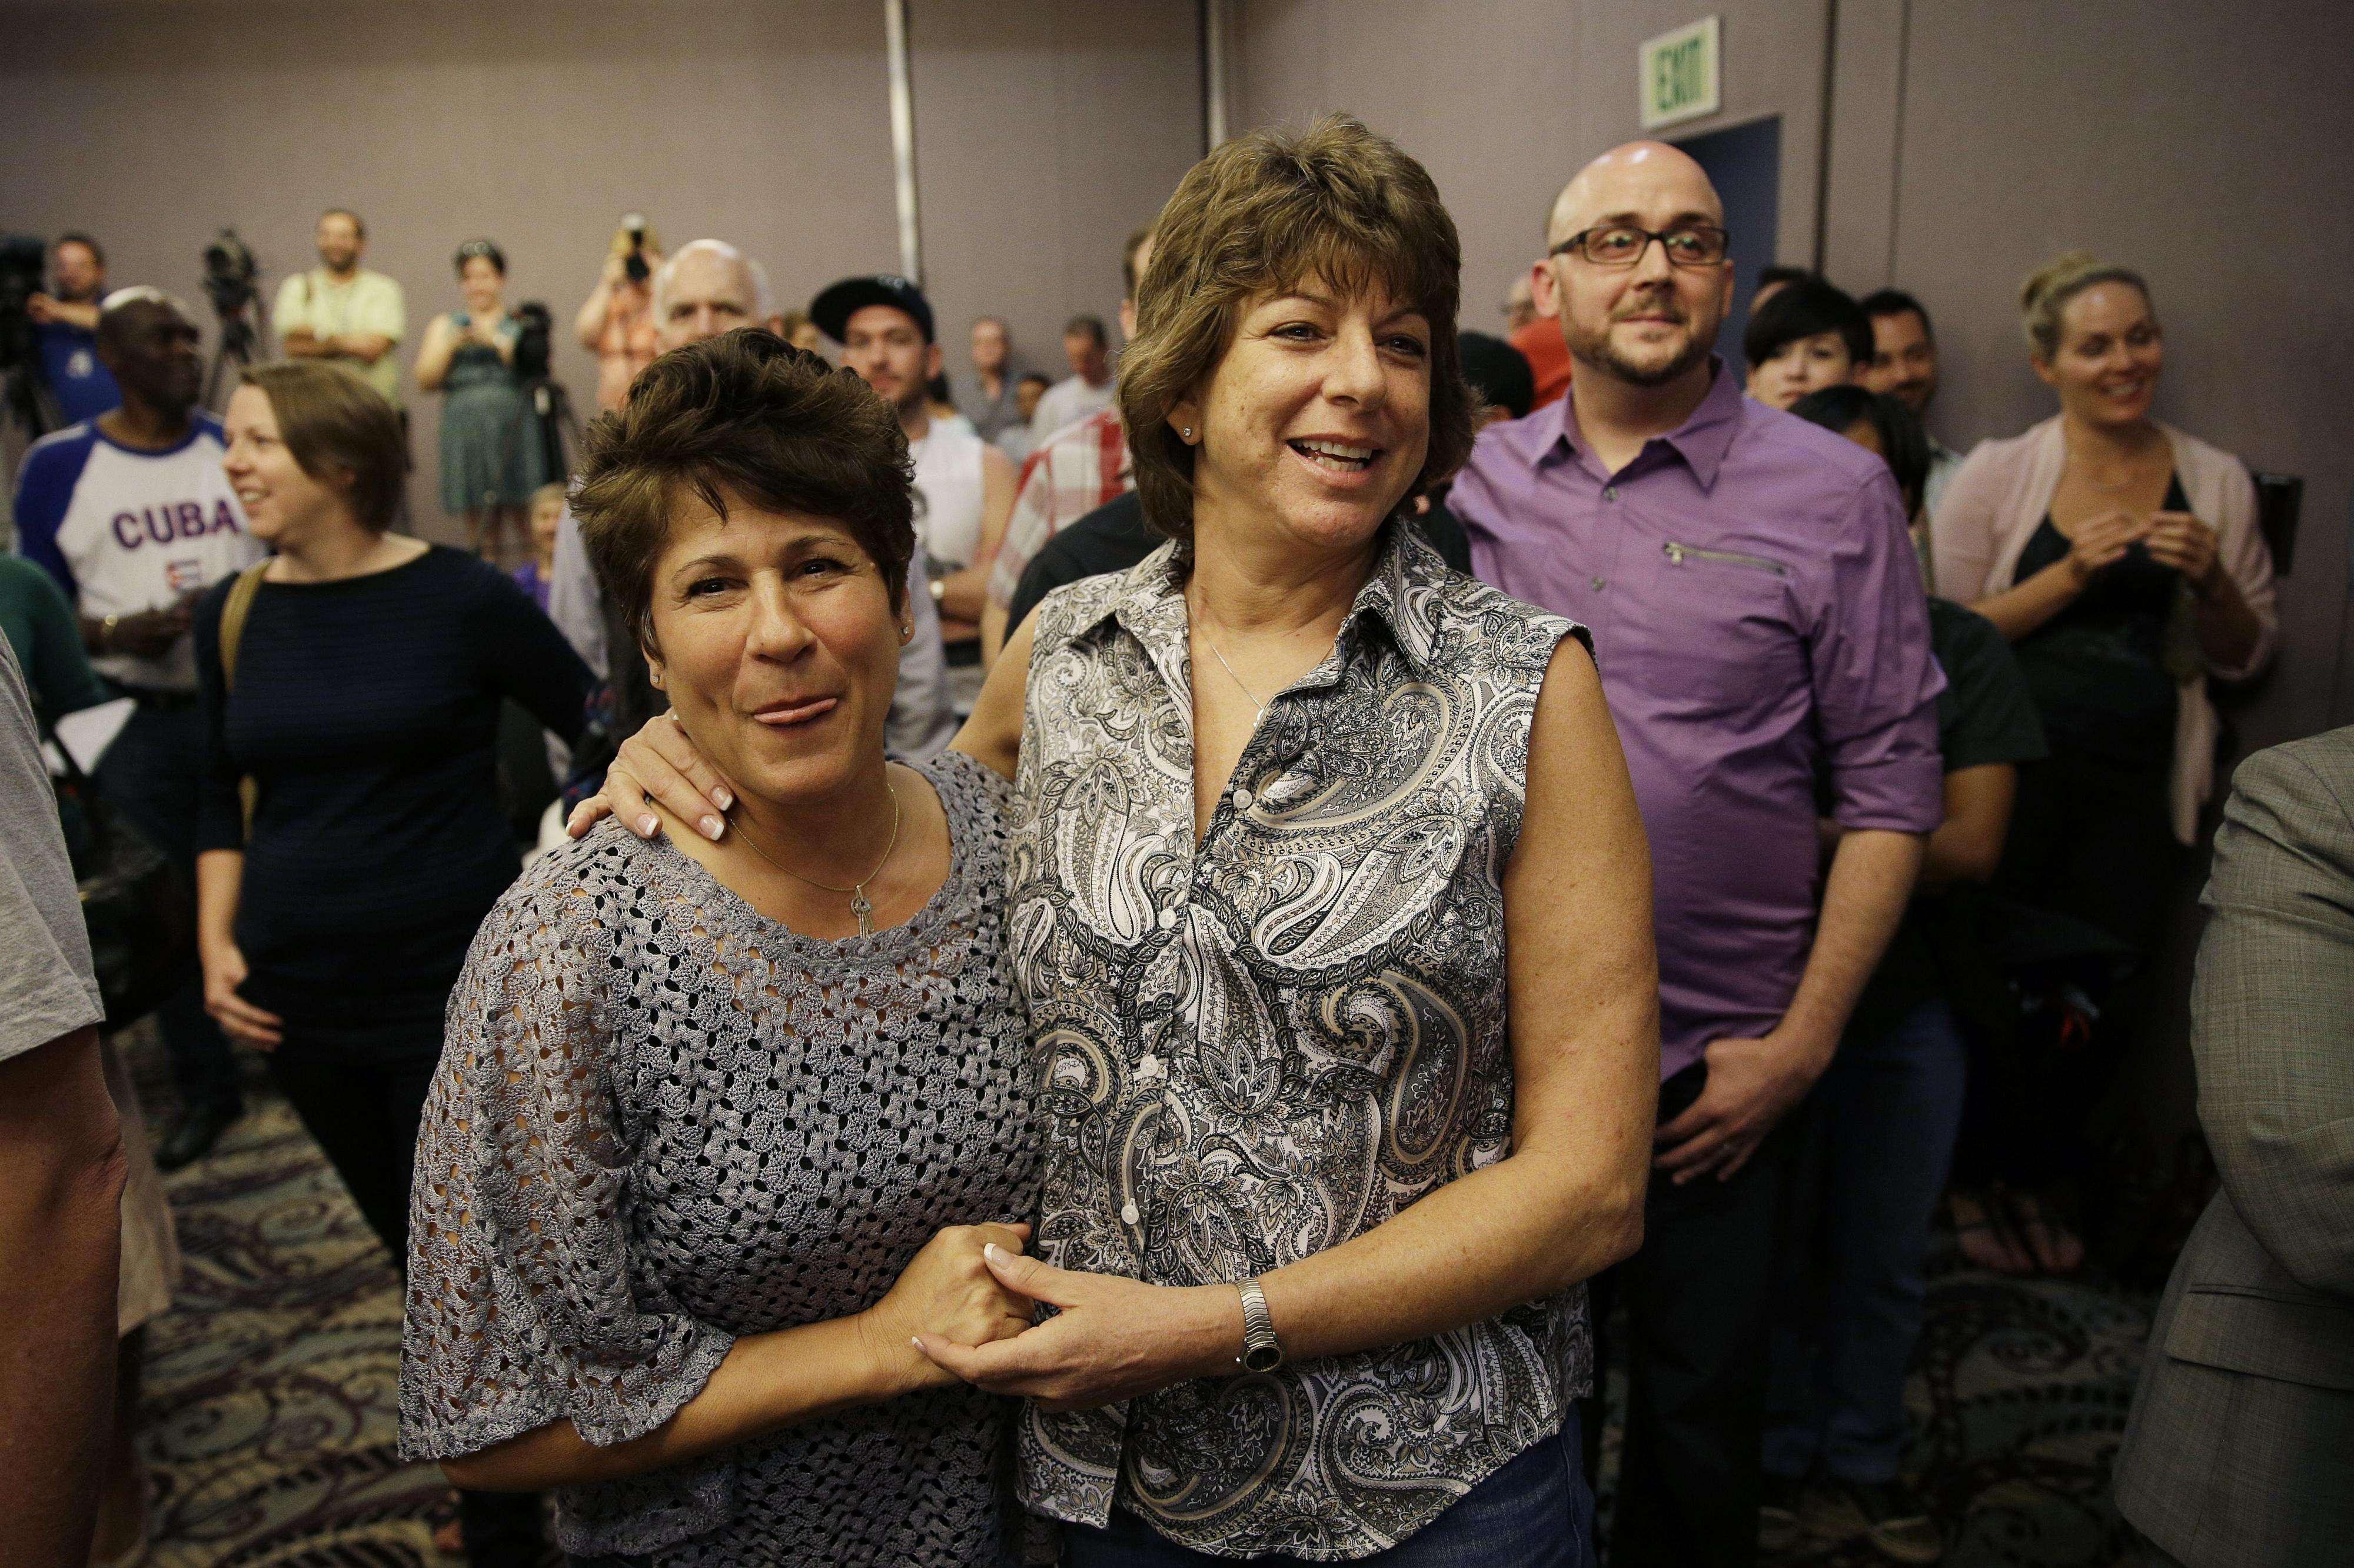 Mercy Leonard (izquierda) abraza a Gwen Leonard durante una concentración para celebrar el veredicto de un tribunal que rechazó la prohibición al matrimonio entre personas del mismo sexo en Nevada el martes 7 de octubre de 2014 en Las Vegas. Foto: AP en español